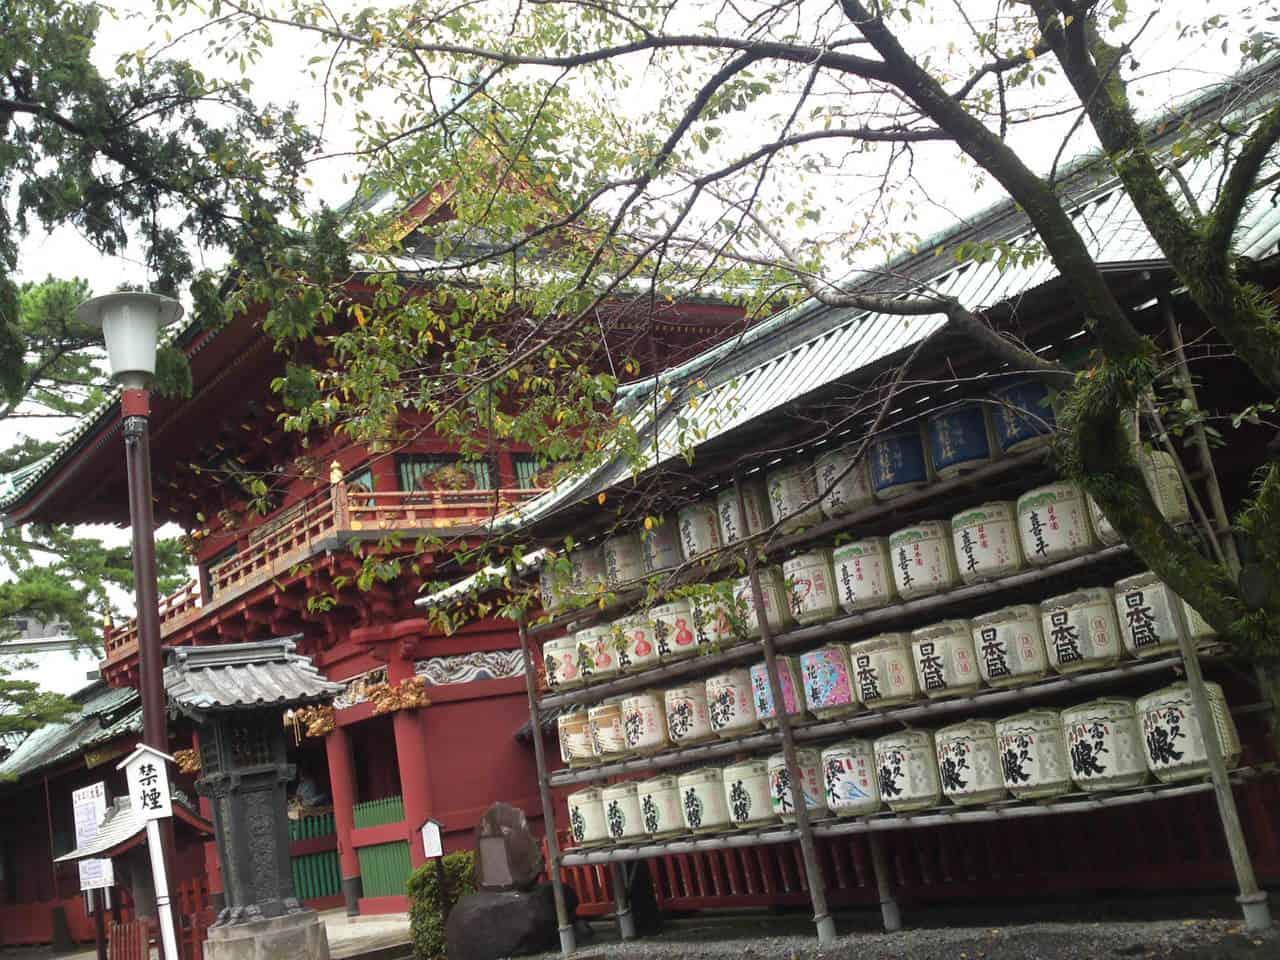 here is sake offerings at Sengen Shrine in Shizuoka